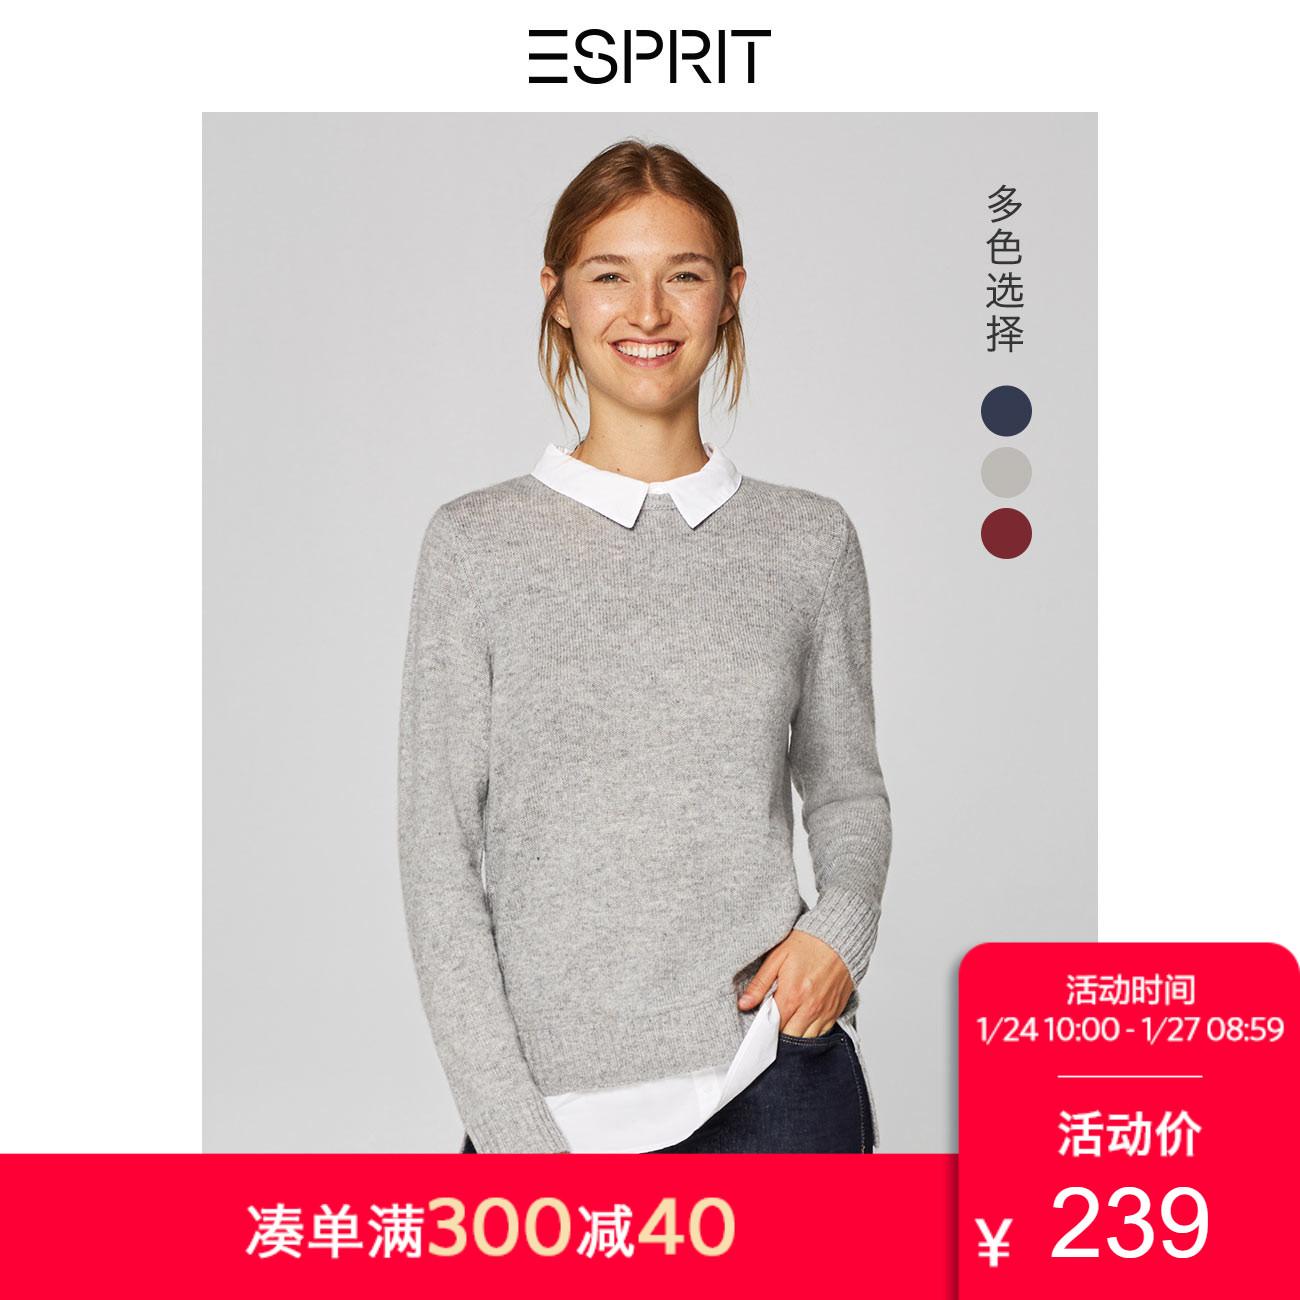 ESPRIT 女装冬时尚衬衫领假两件宽松针织衫毛衣女-108EE1I022